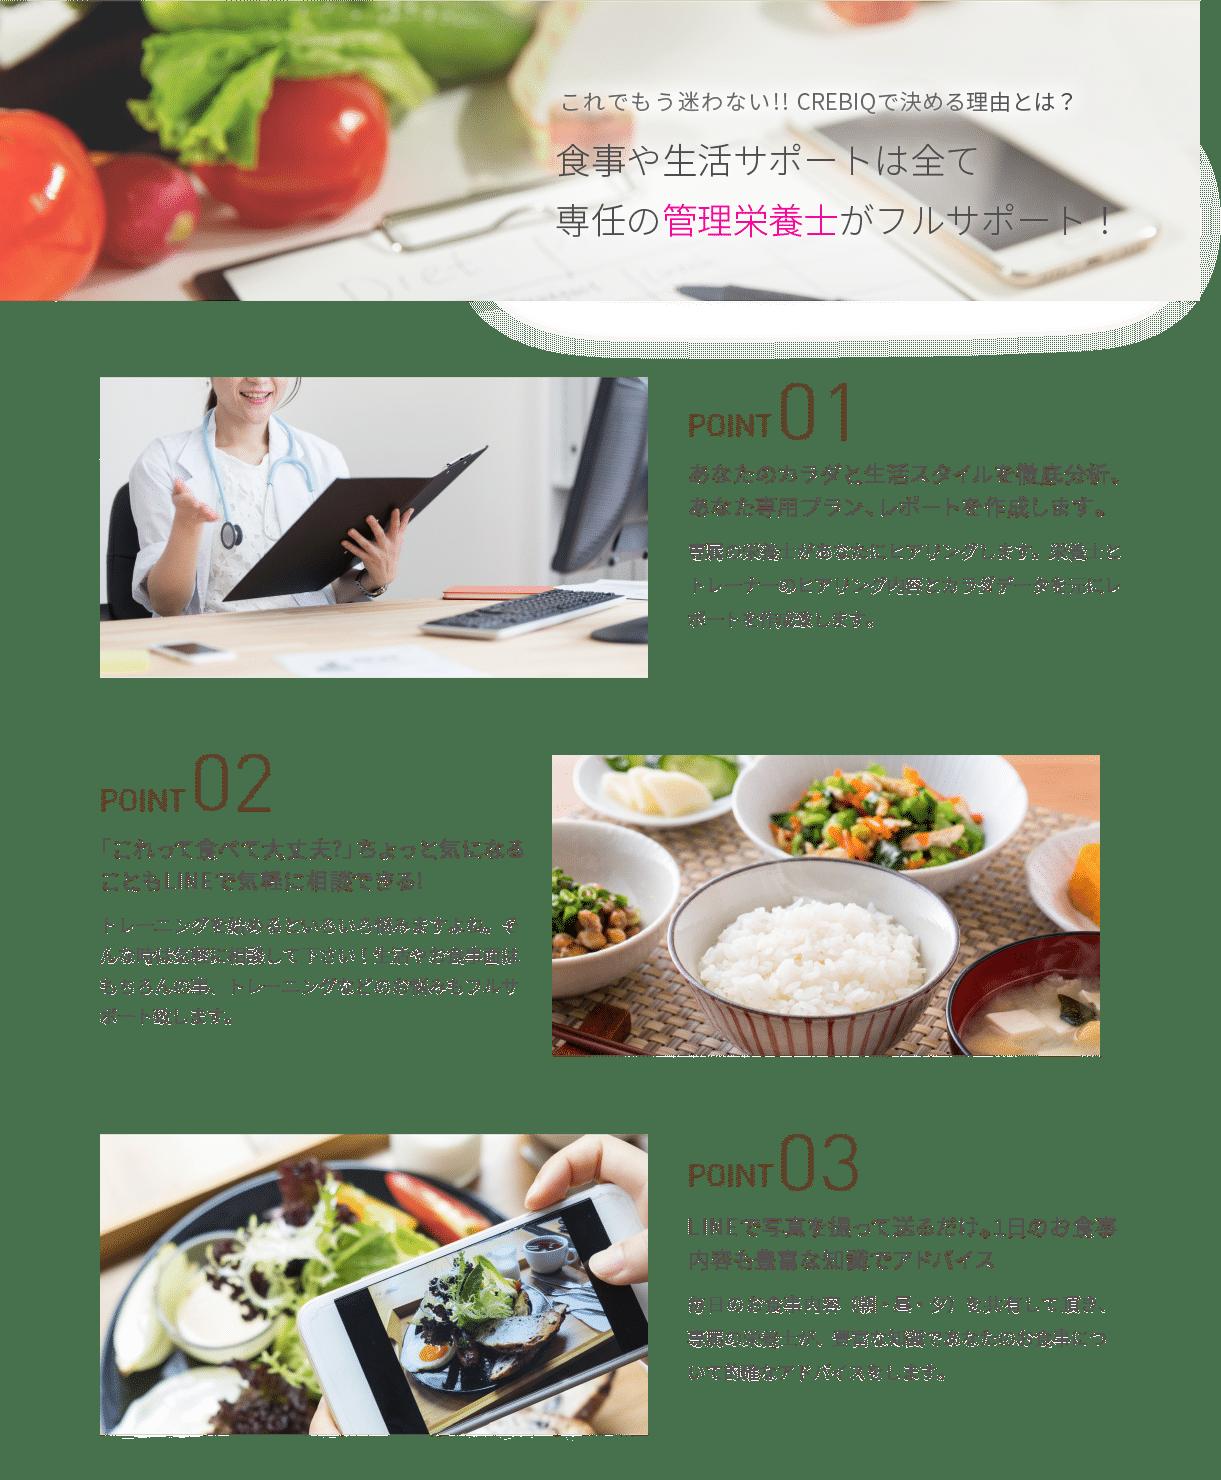 食事や生活サポートは全て専任の管理栄養士がフルサポート!